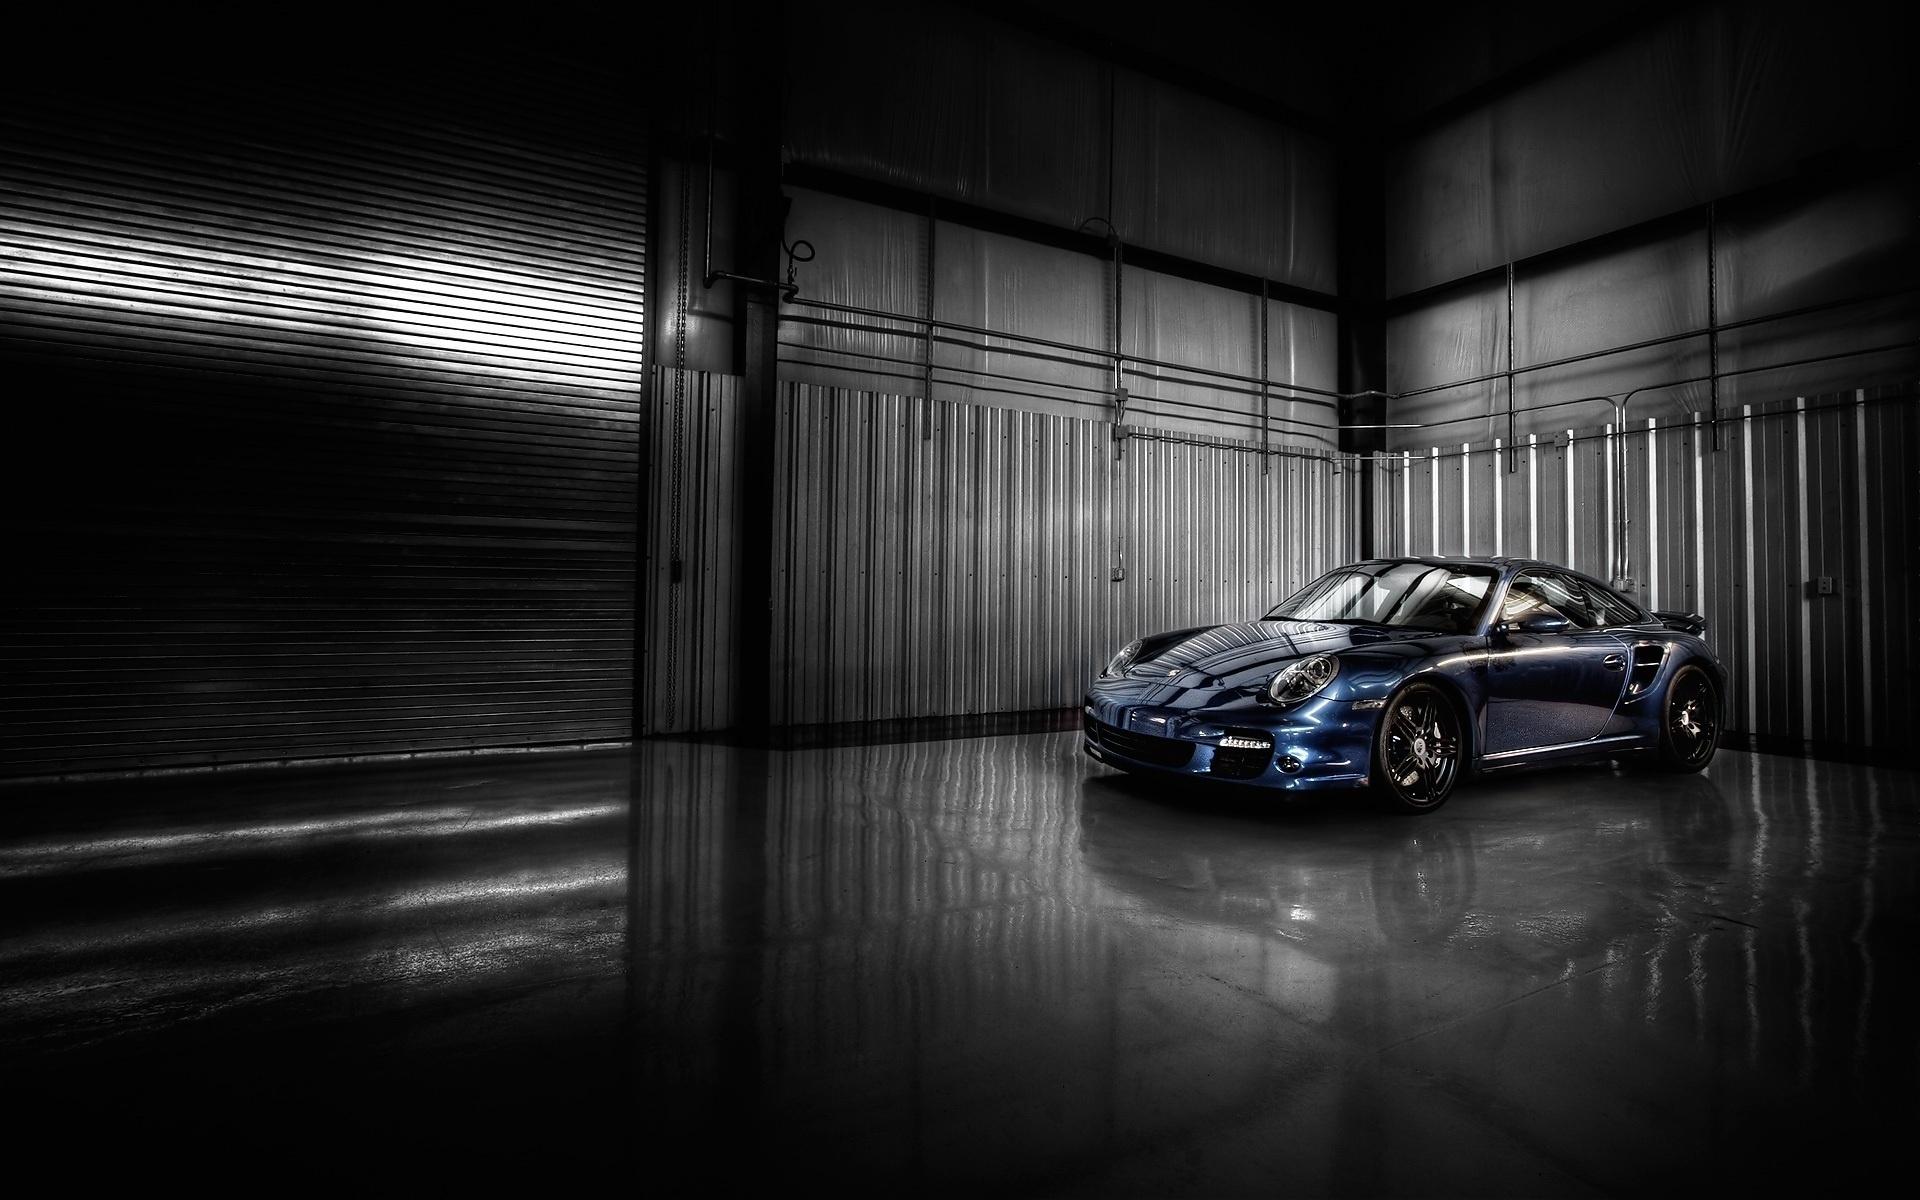 36882 скачать обои Транспорт, Машины, Порш (Porsche) - заставки и картинки бесплатно